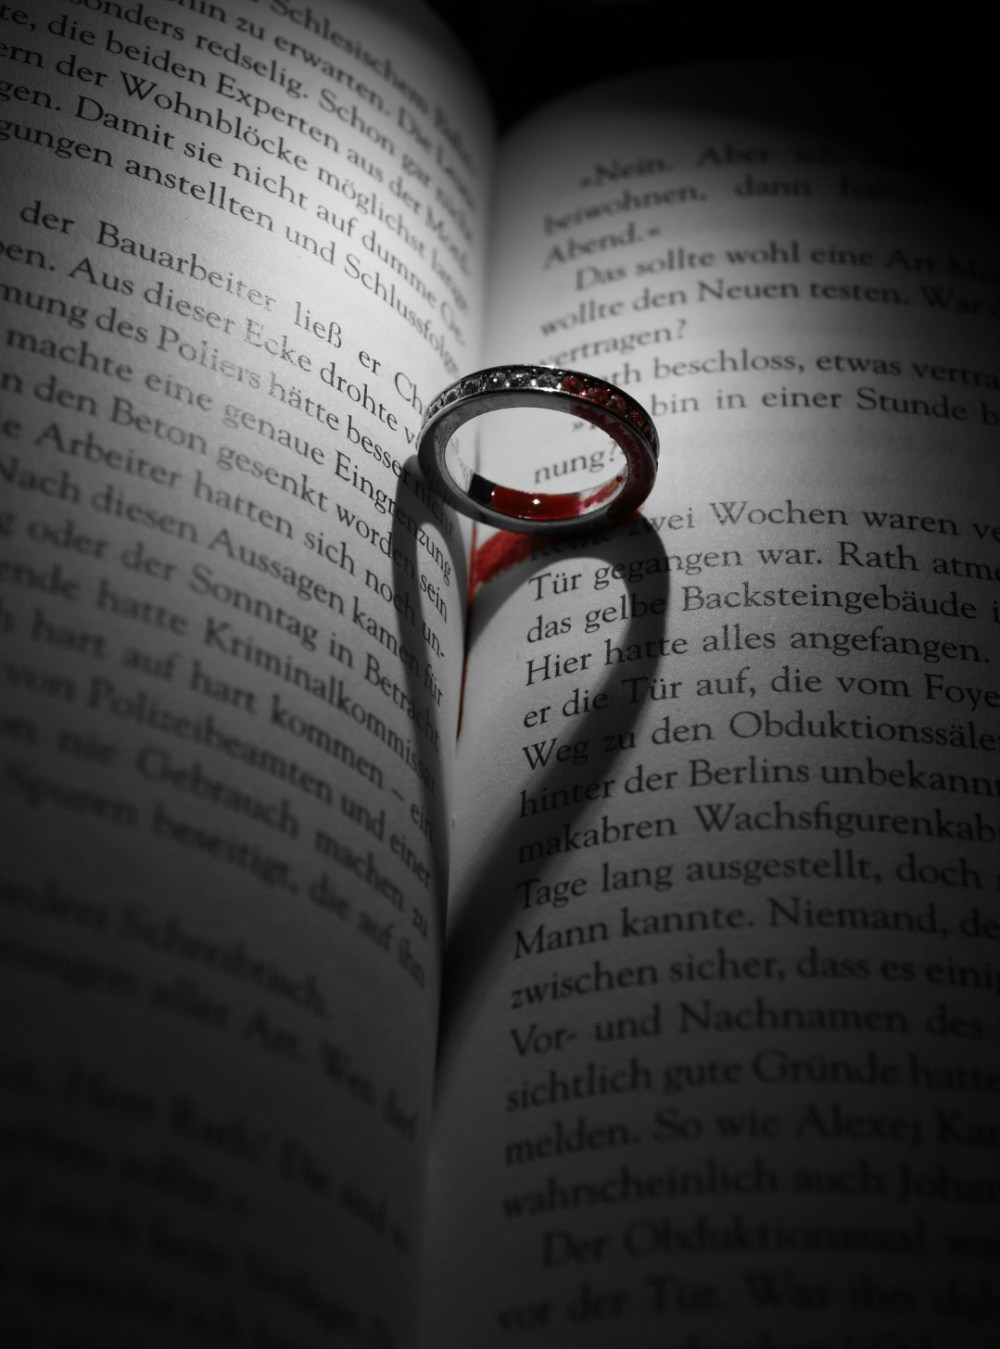 Ring mit Blut wirft Herzschatten auf ein Buch